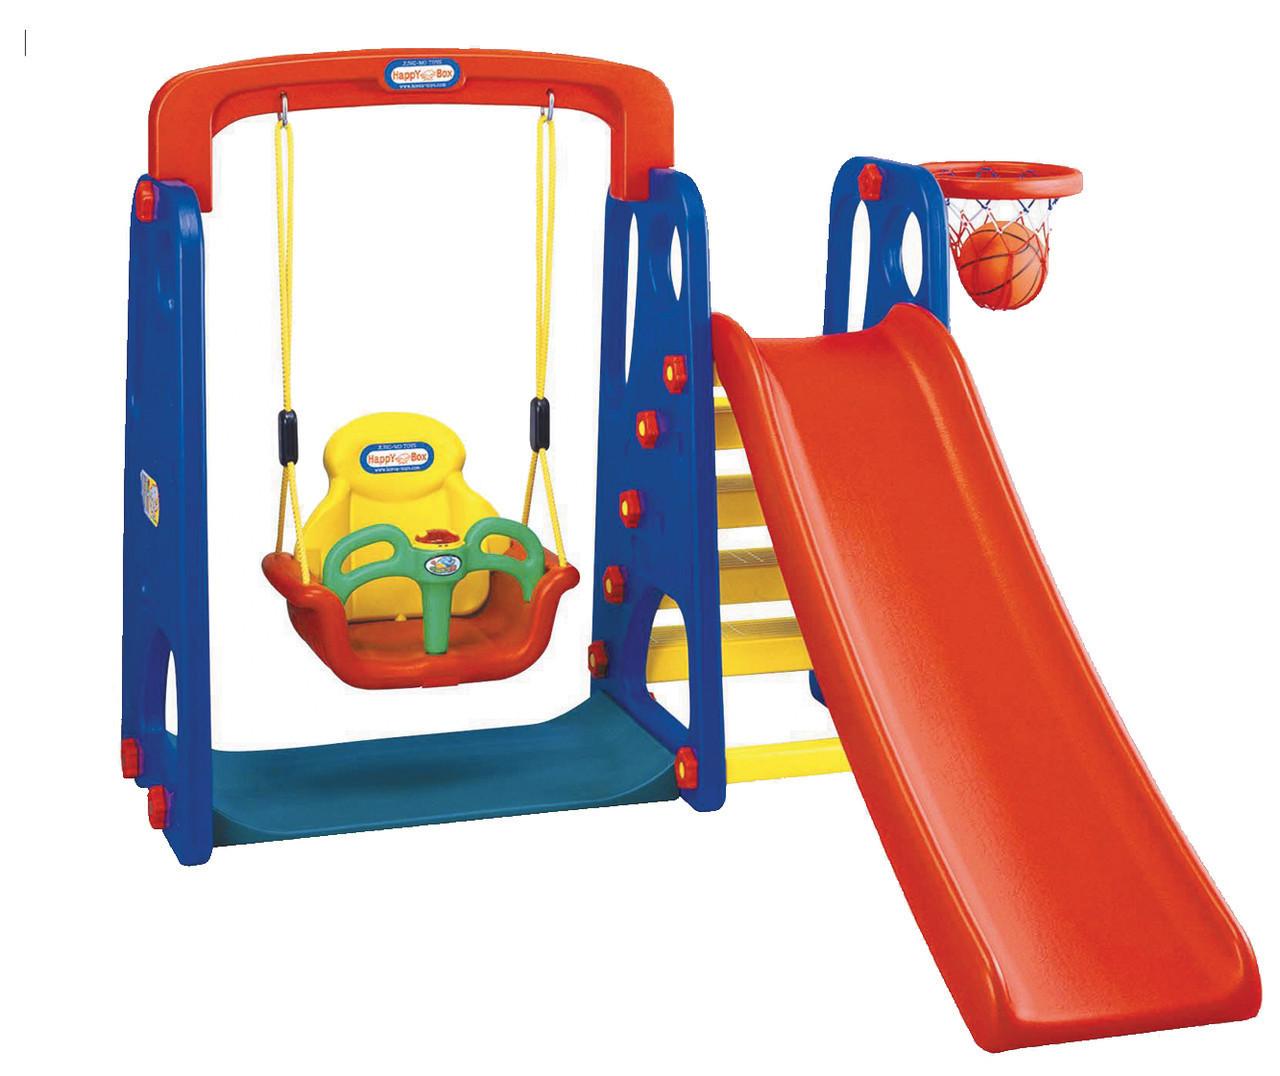 Ігровий комплекс гірка, гойдалки, кошик для баскетболу